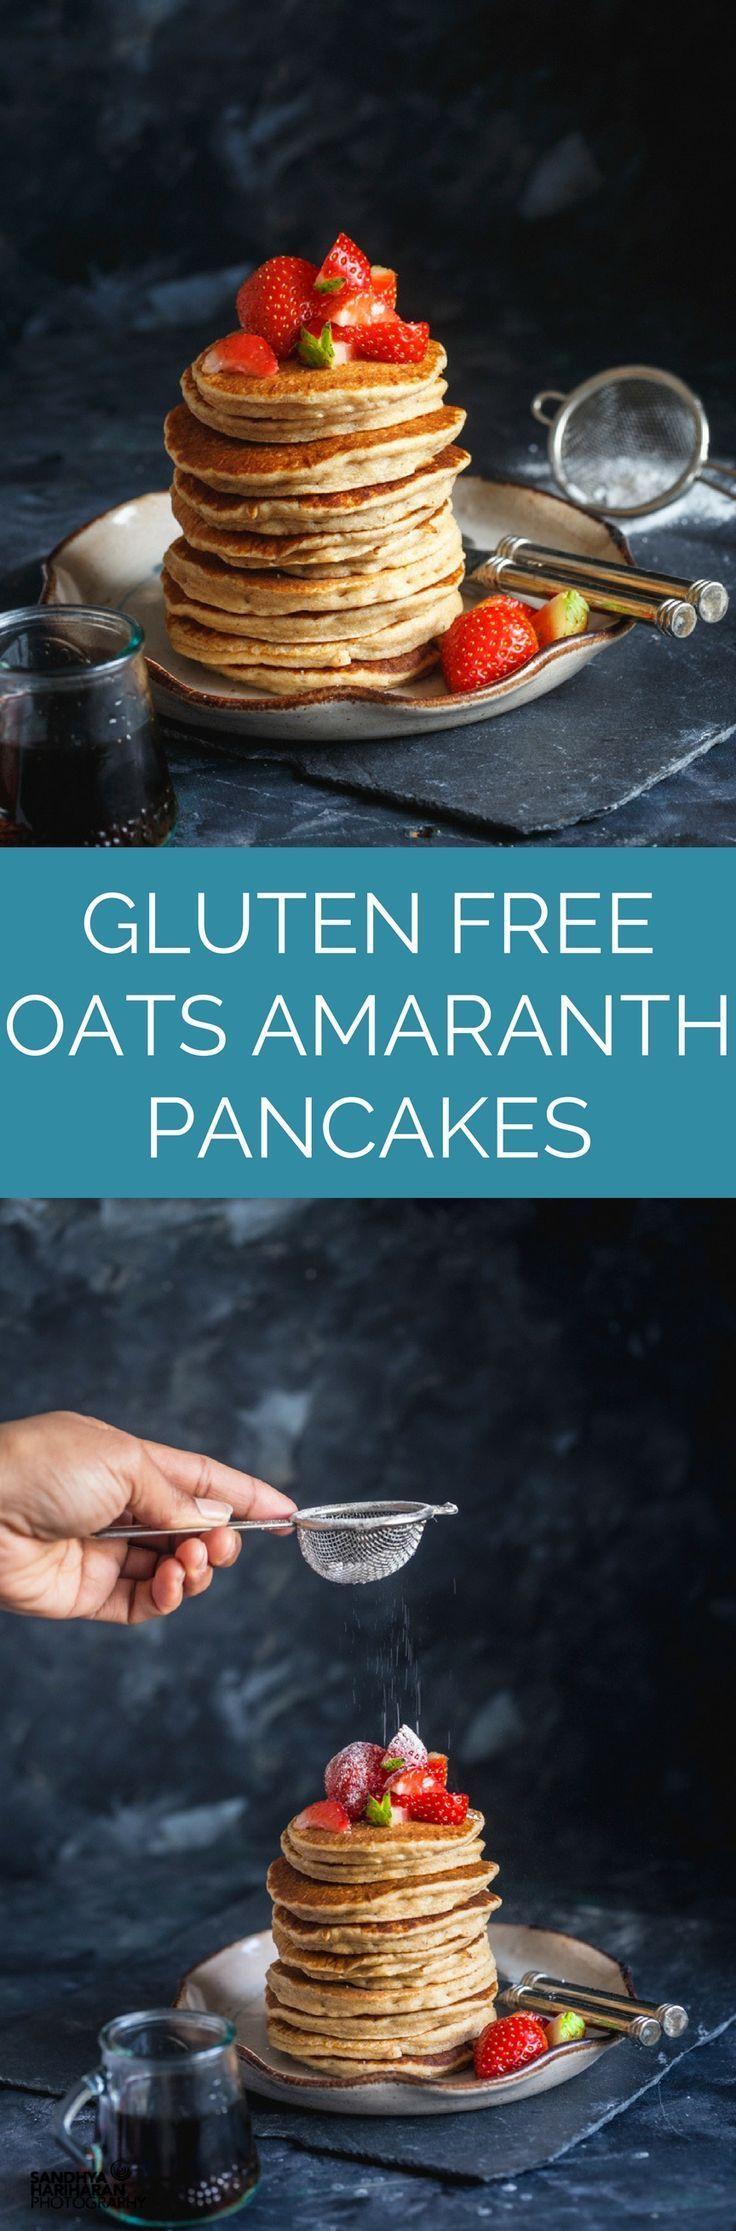 210 best Pancake Day images on Pinterest | Morning breakfast ...